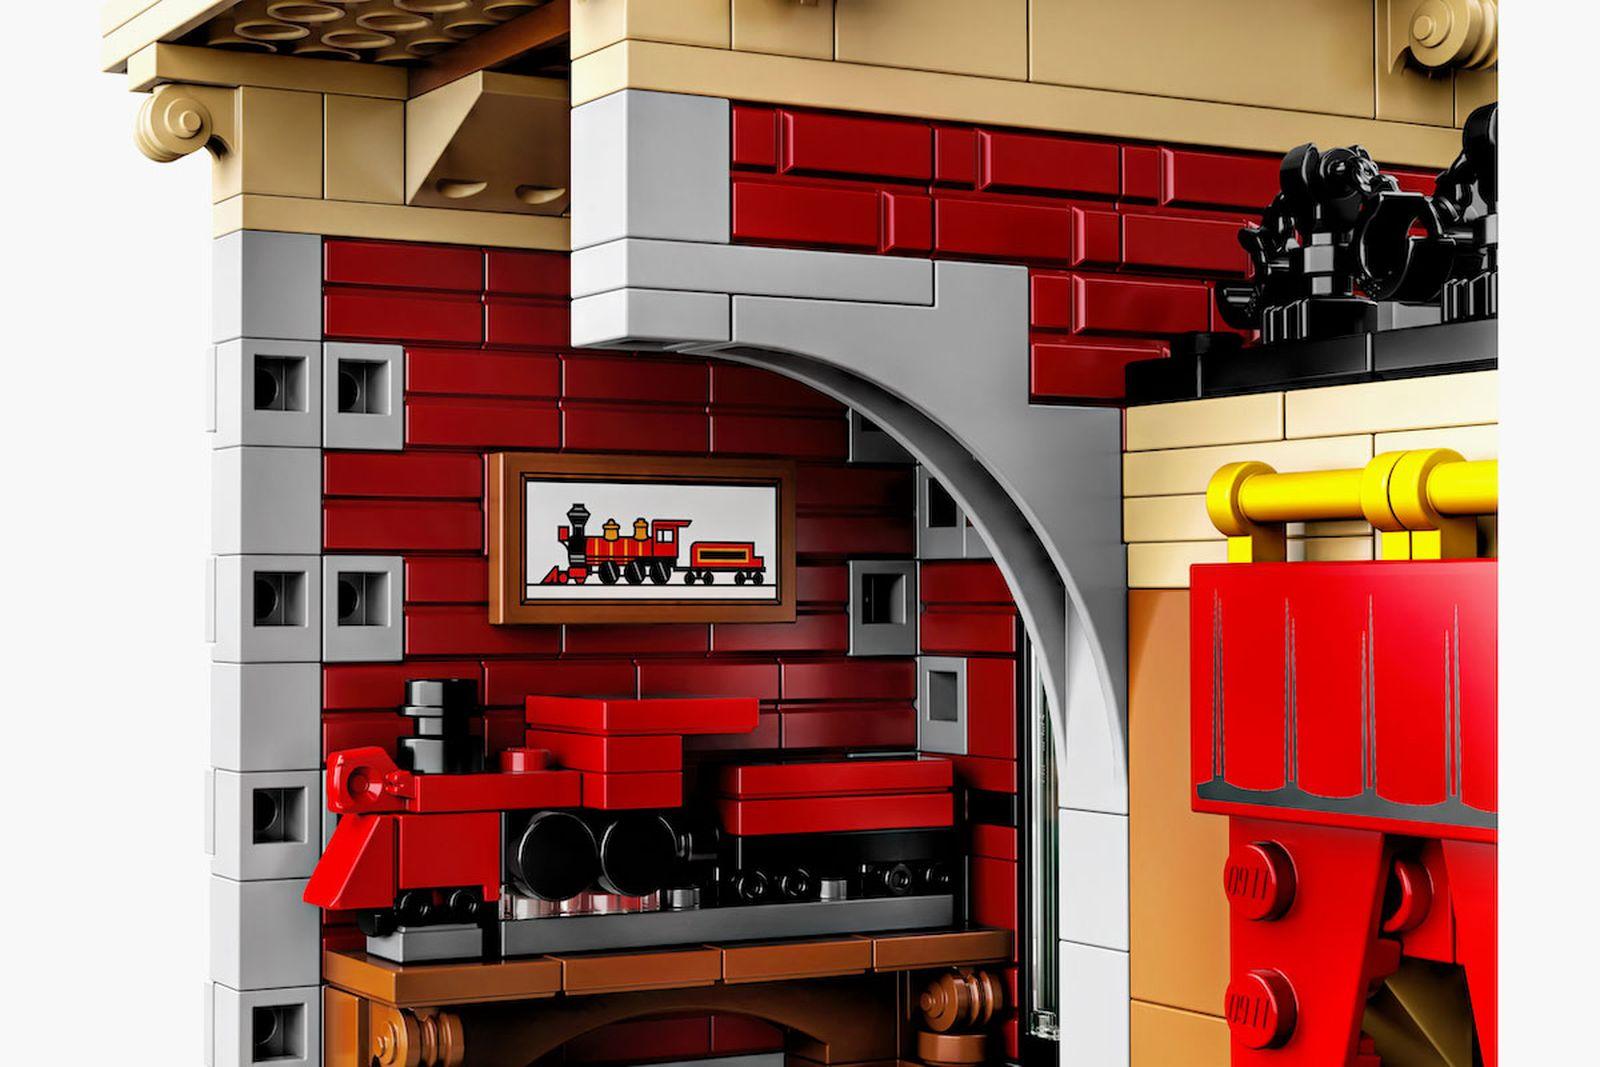 lego disney train station set disneyland